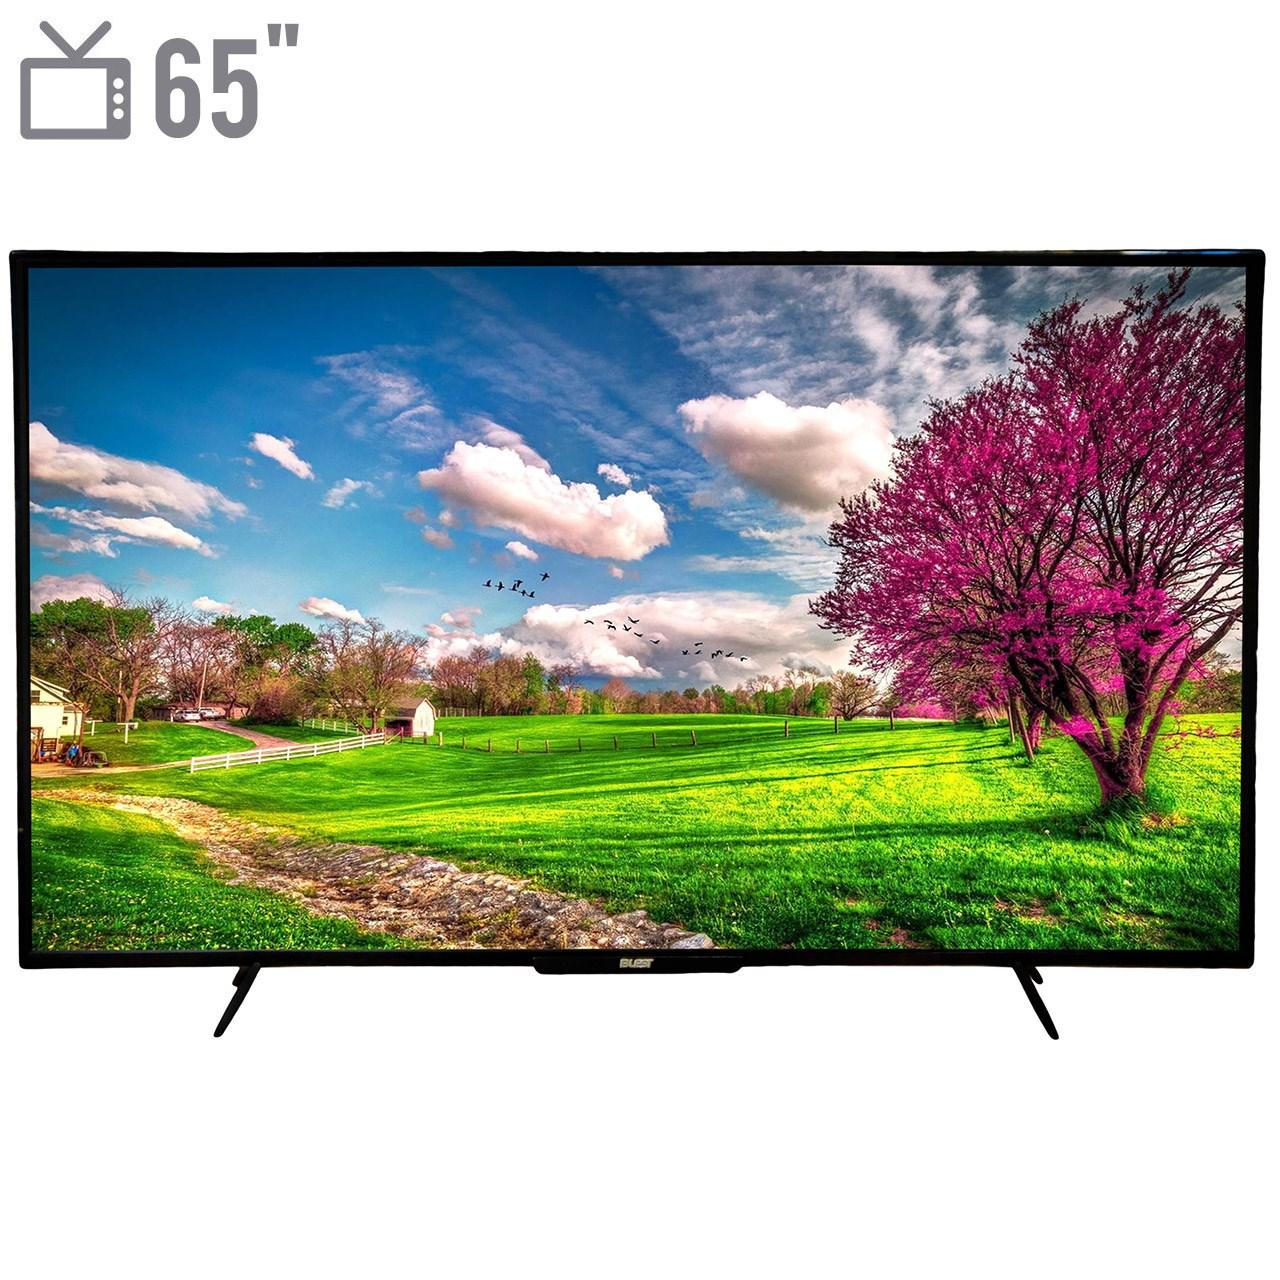 تصویر تلویزیون ال ای دی هوشمند بلست مدل BTV-65KDA110B سایز 65 اینچ